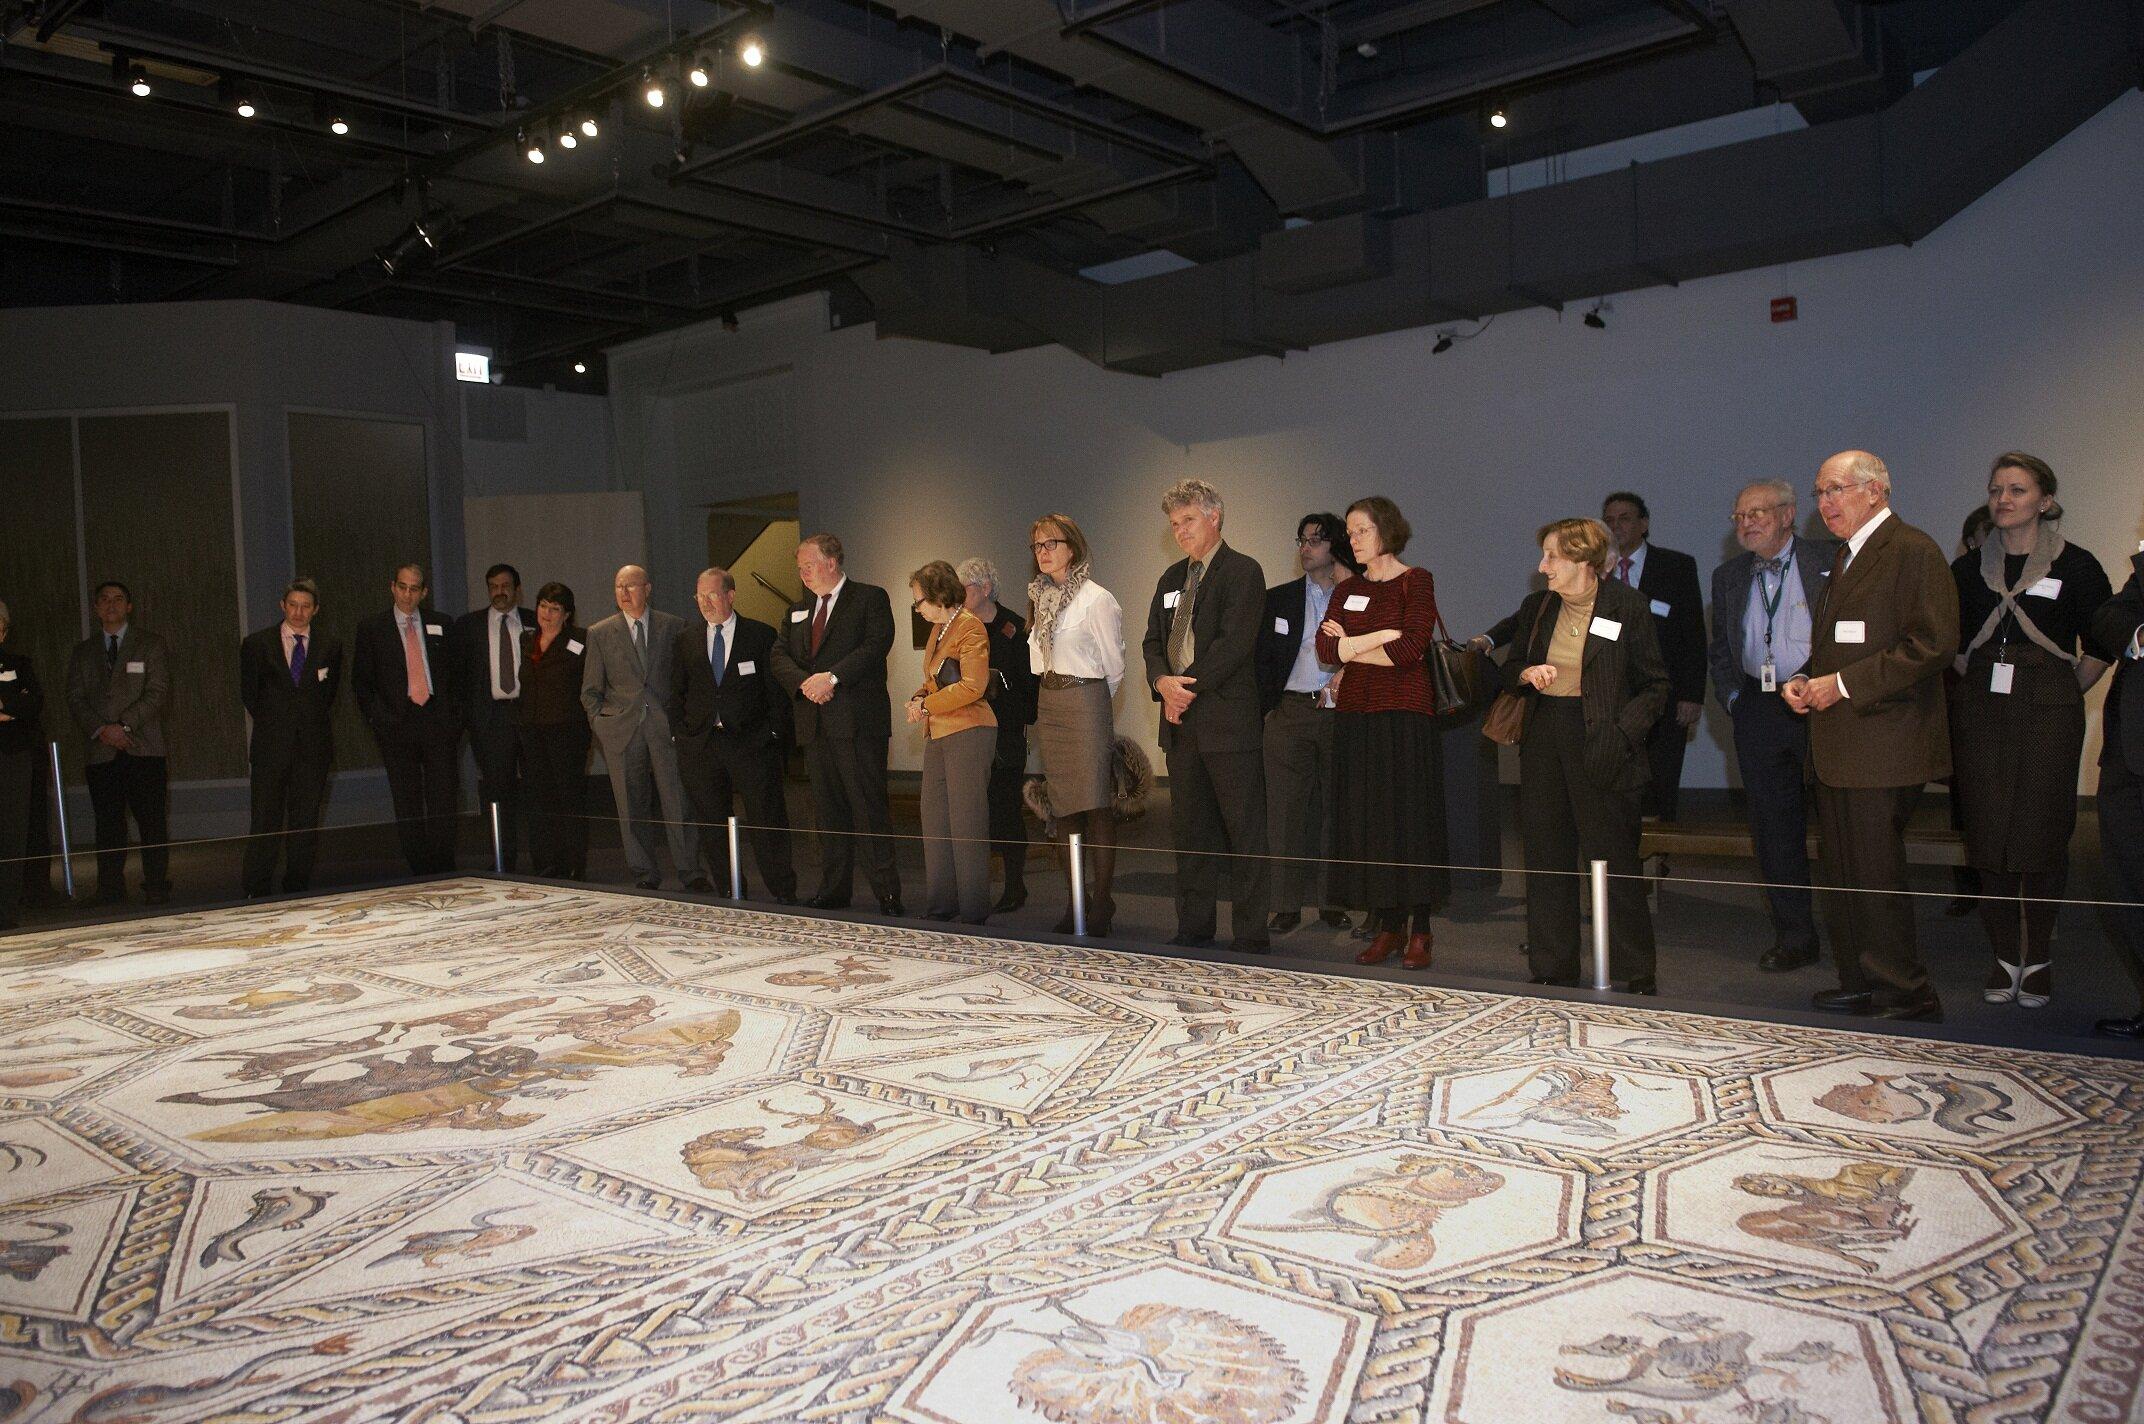 Lod Mosaic in Field Gallery.jpg